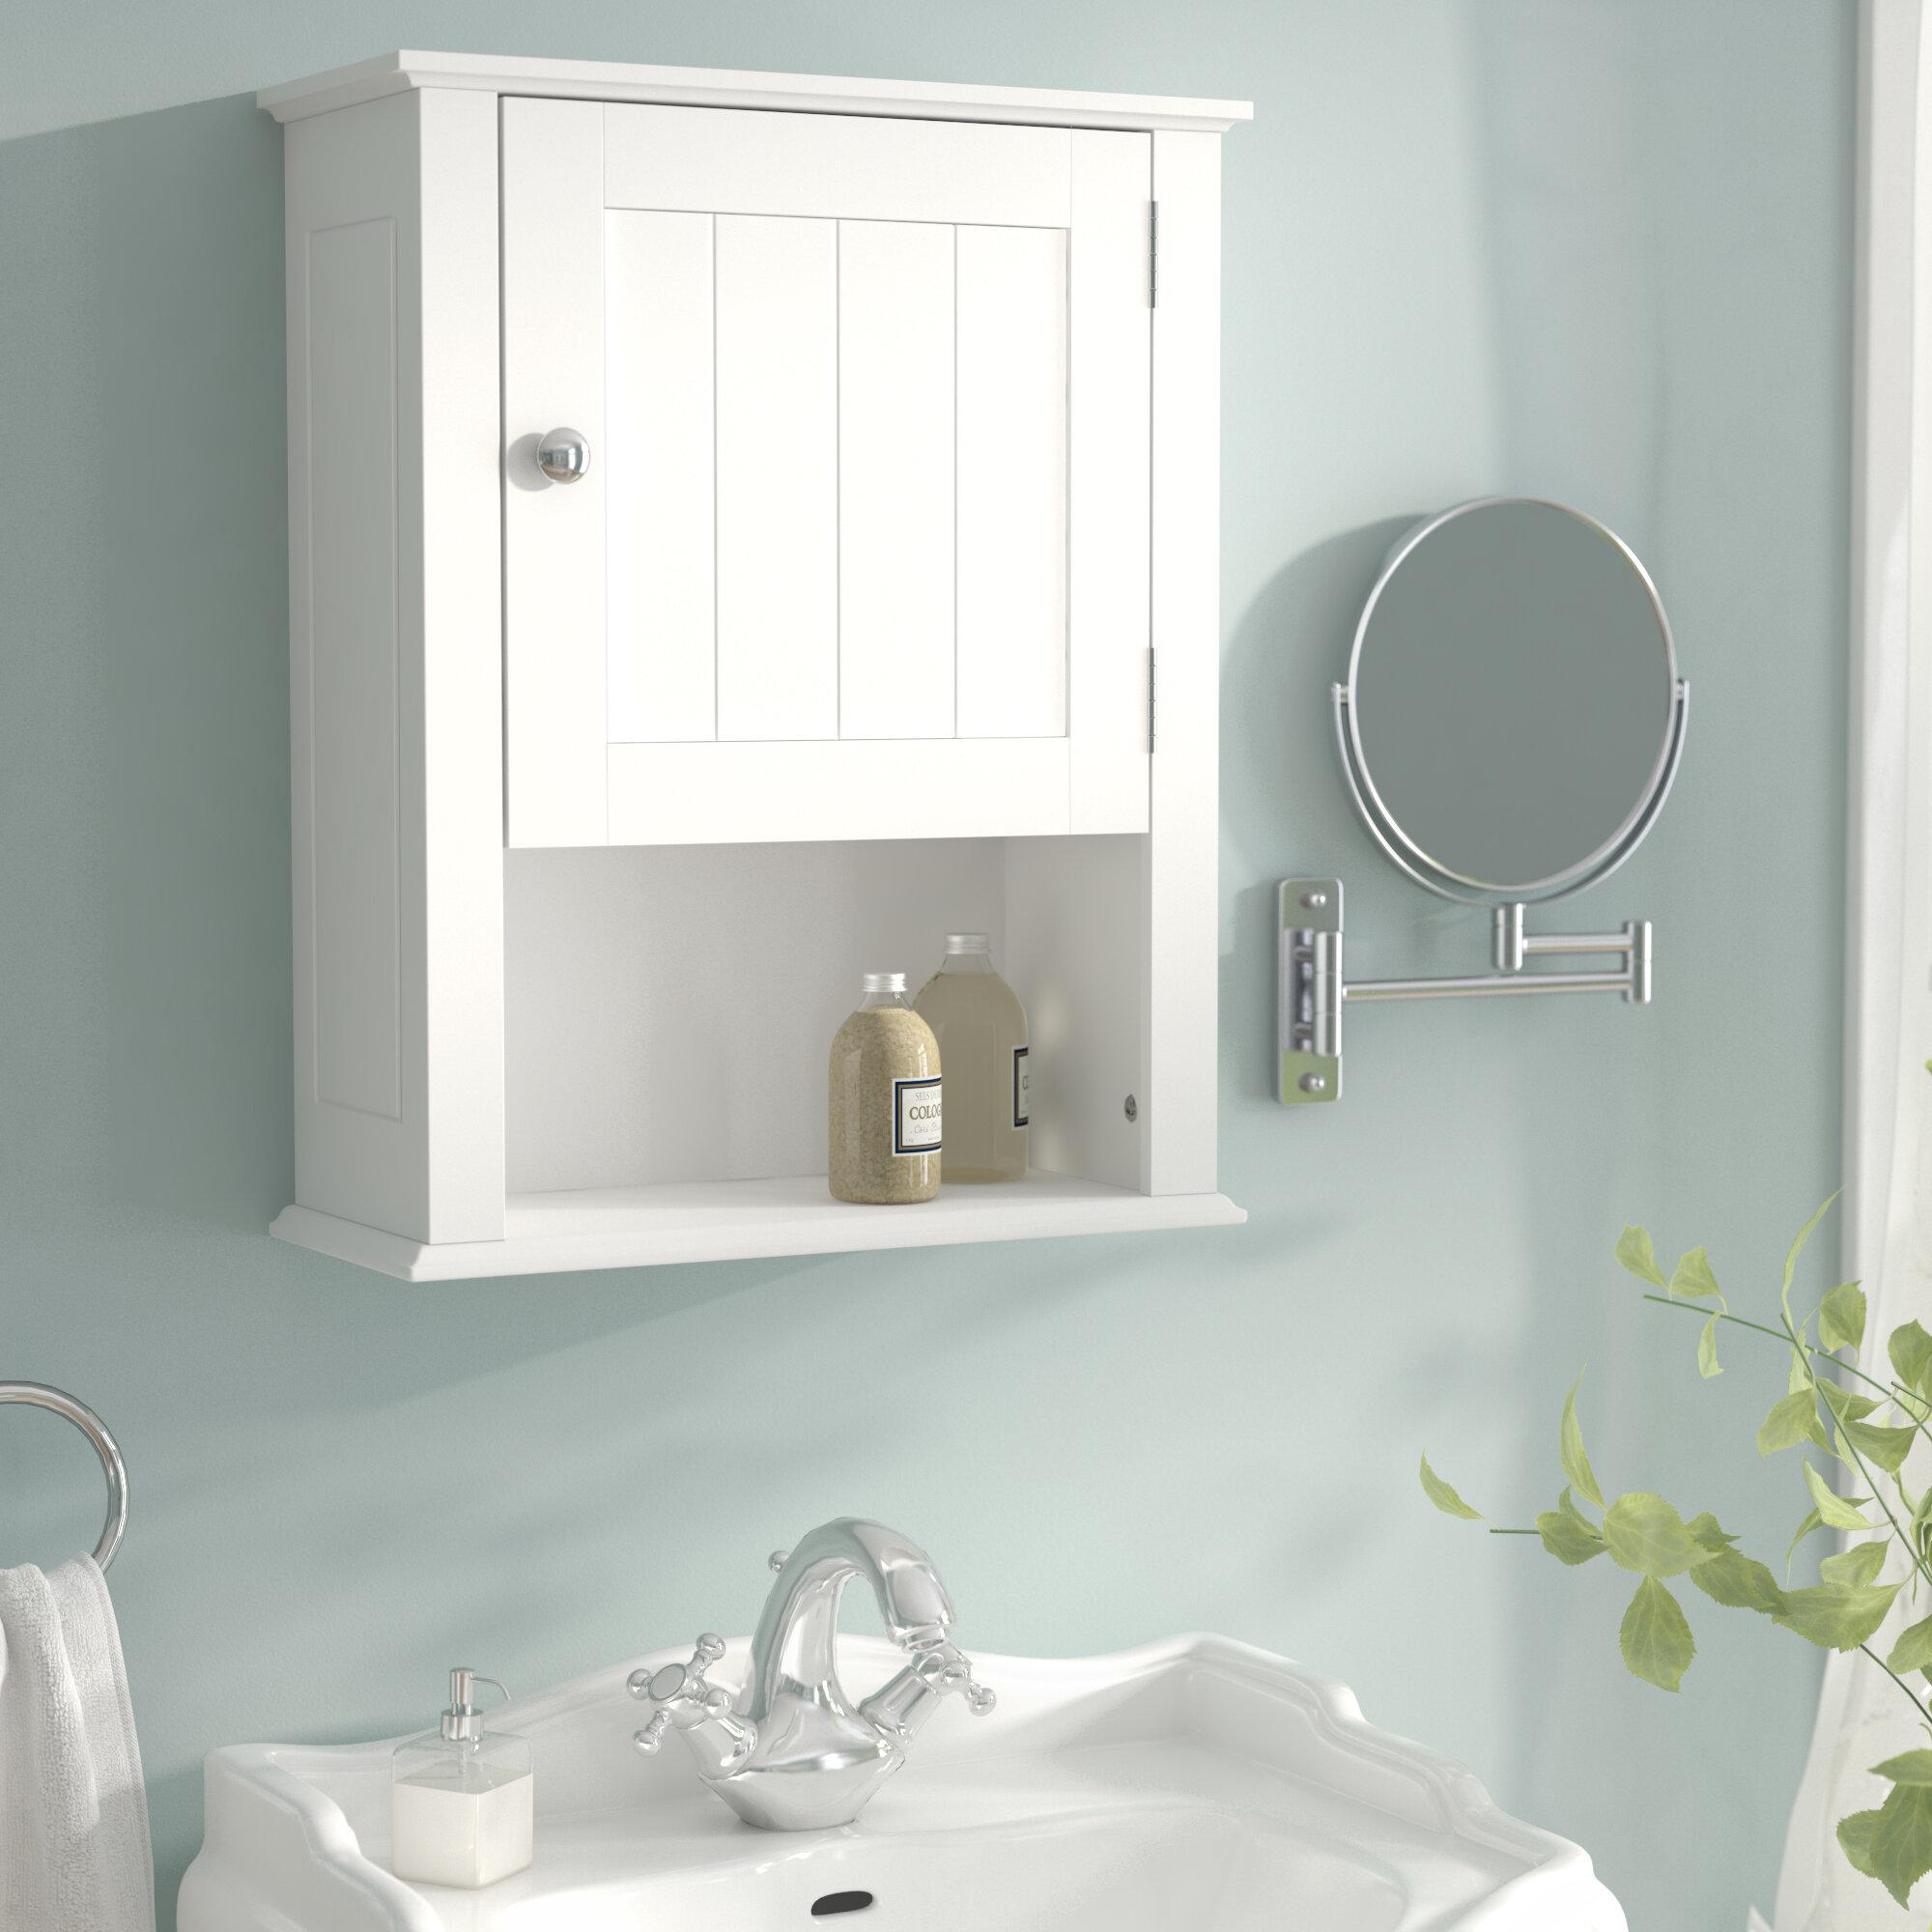 Bathroom Wall Cabinets Bed Bath